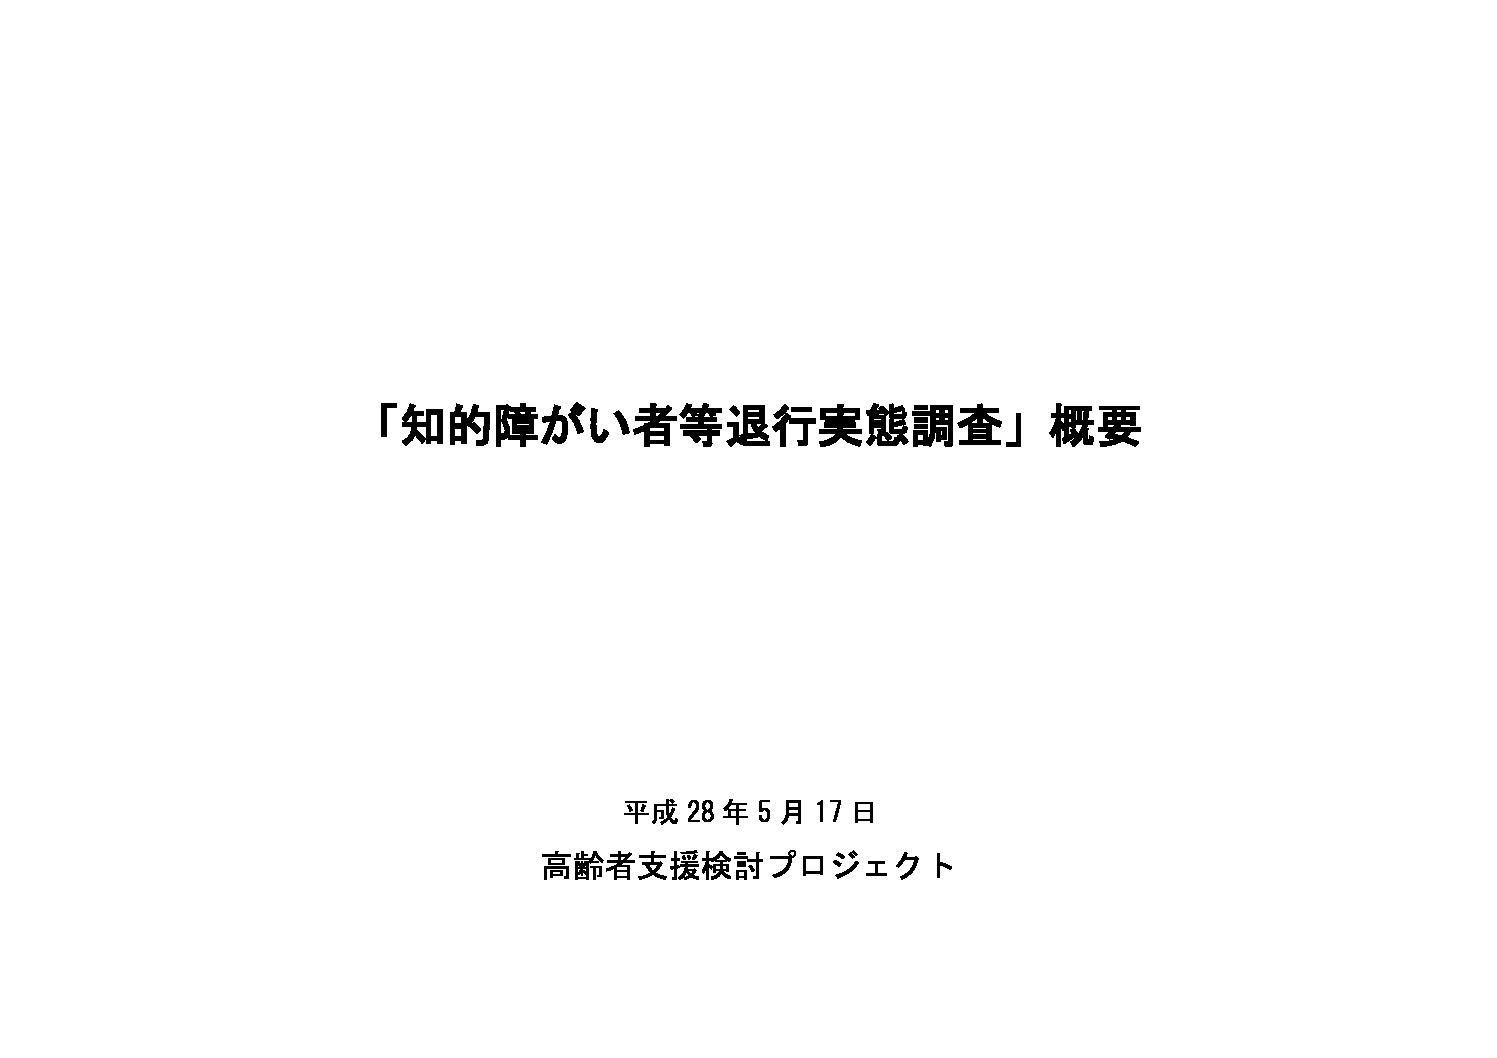 kourei01のサムネイル